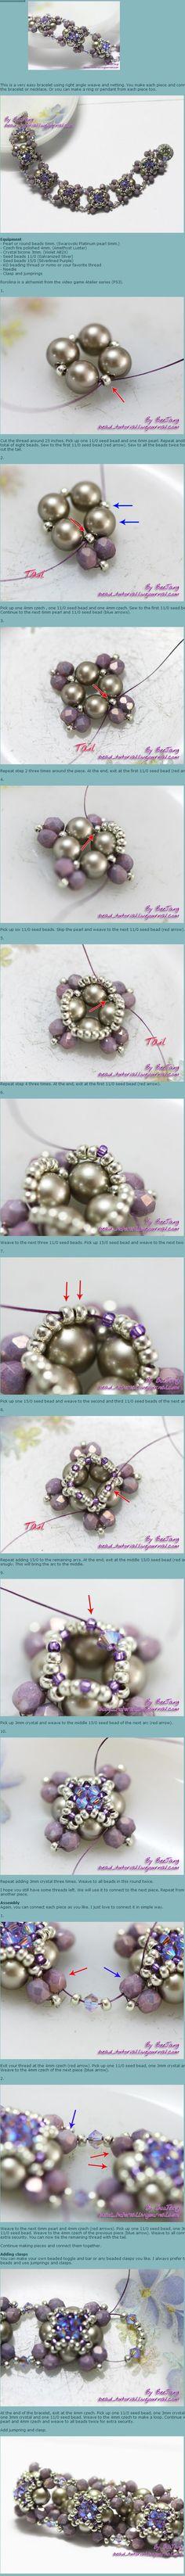 lovely beaded units for bracelets